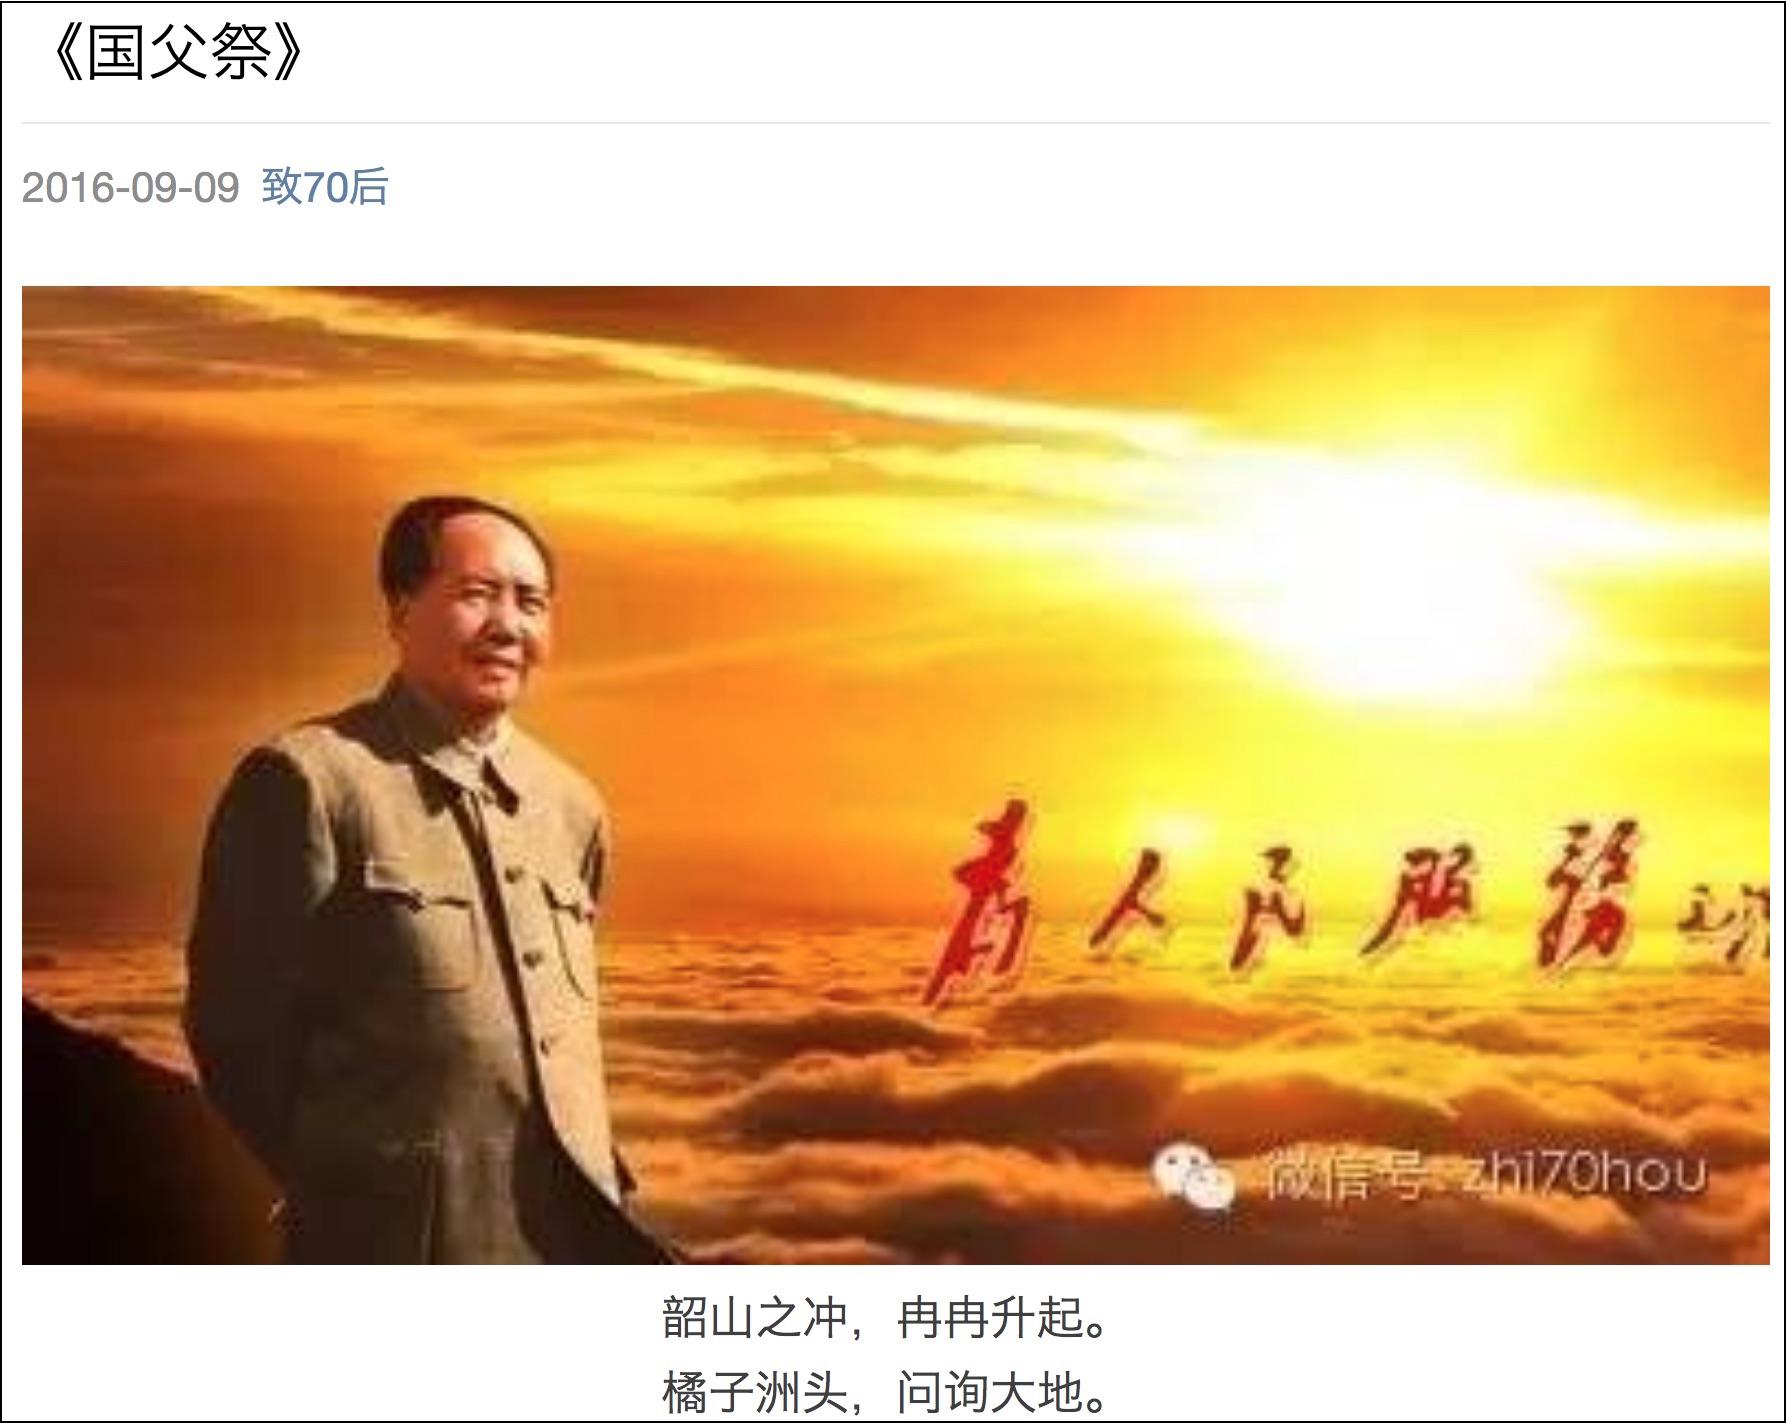 BBC|毛泽东逝世40周年 中国官媒集体沉默